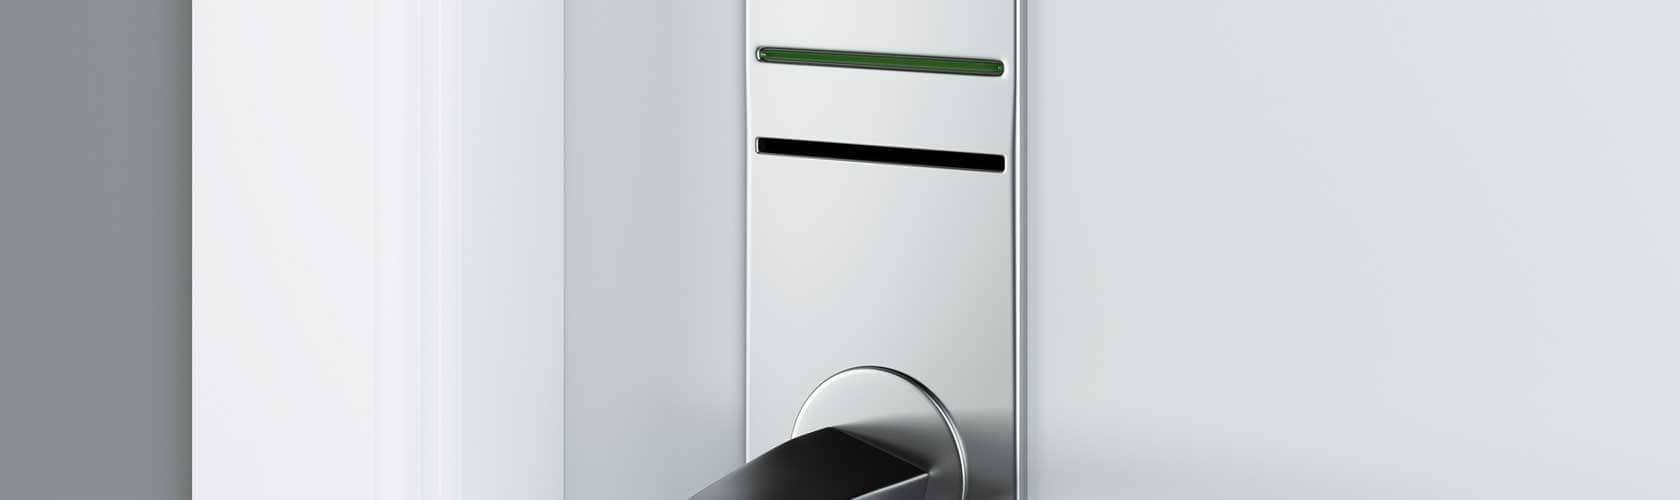 Türe mit elektronischem Schloss für Magnetkarte